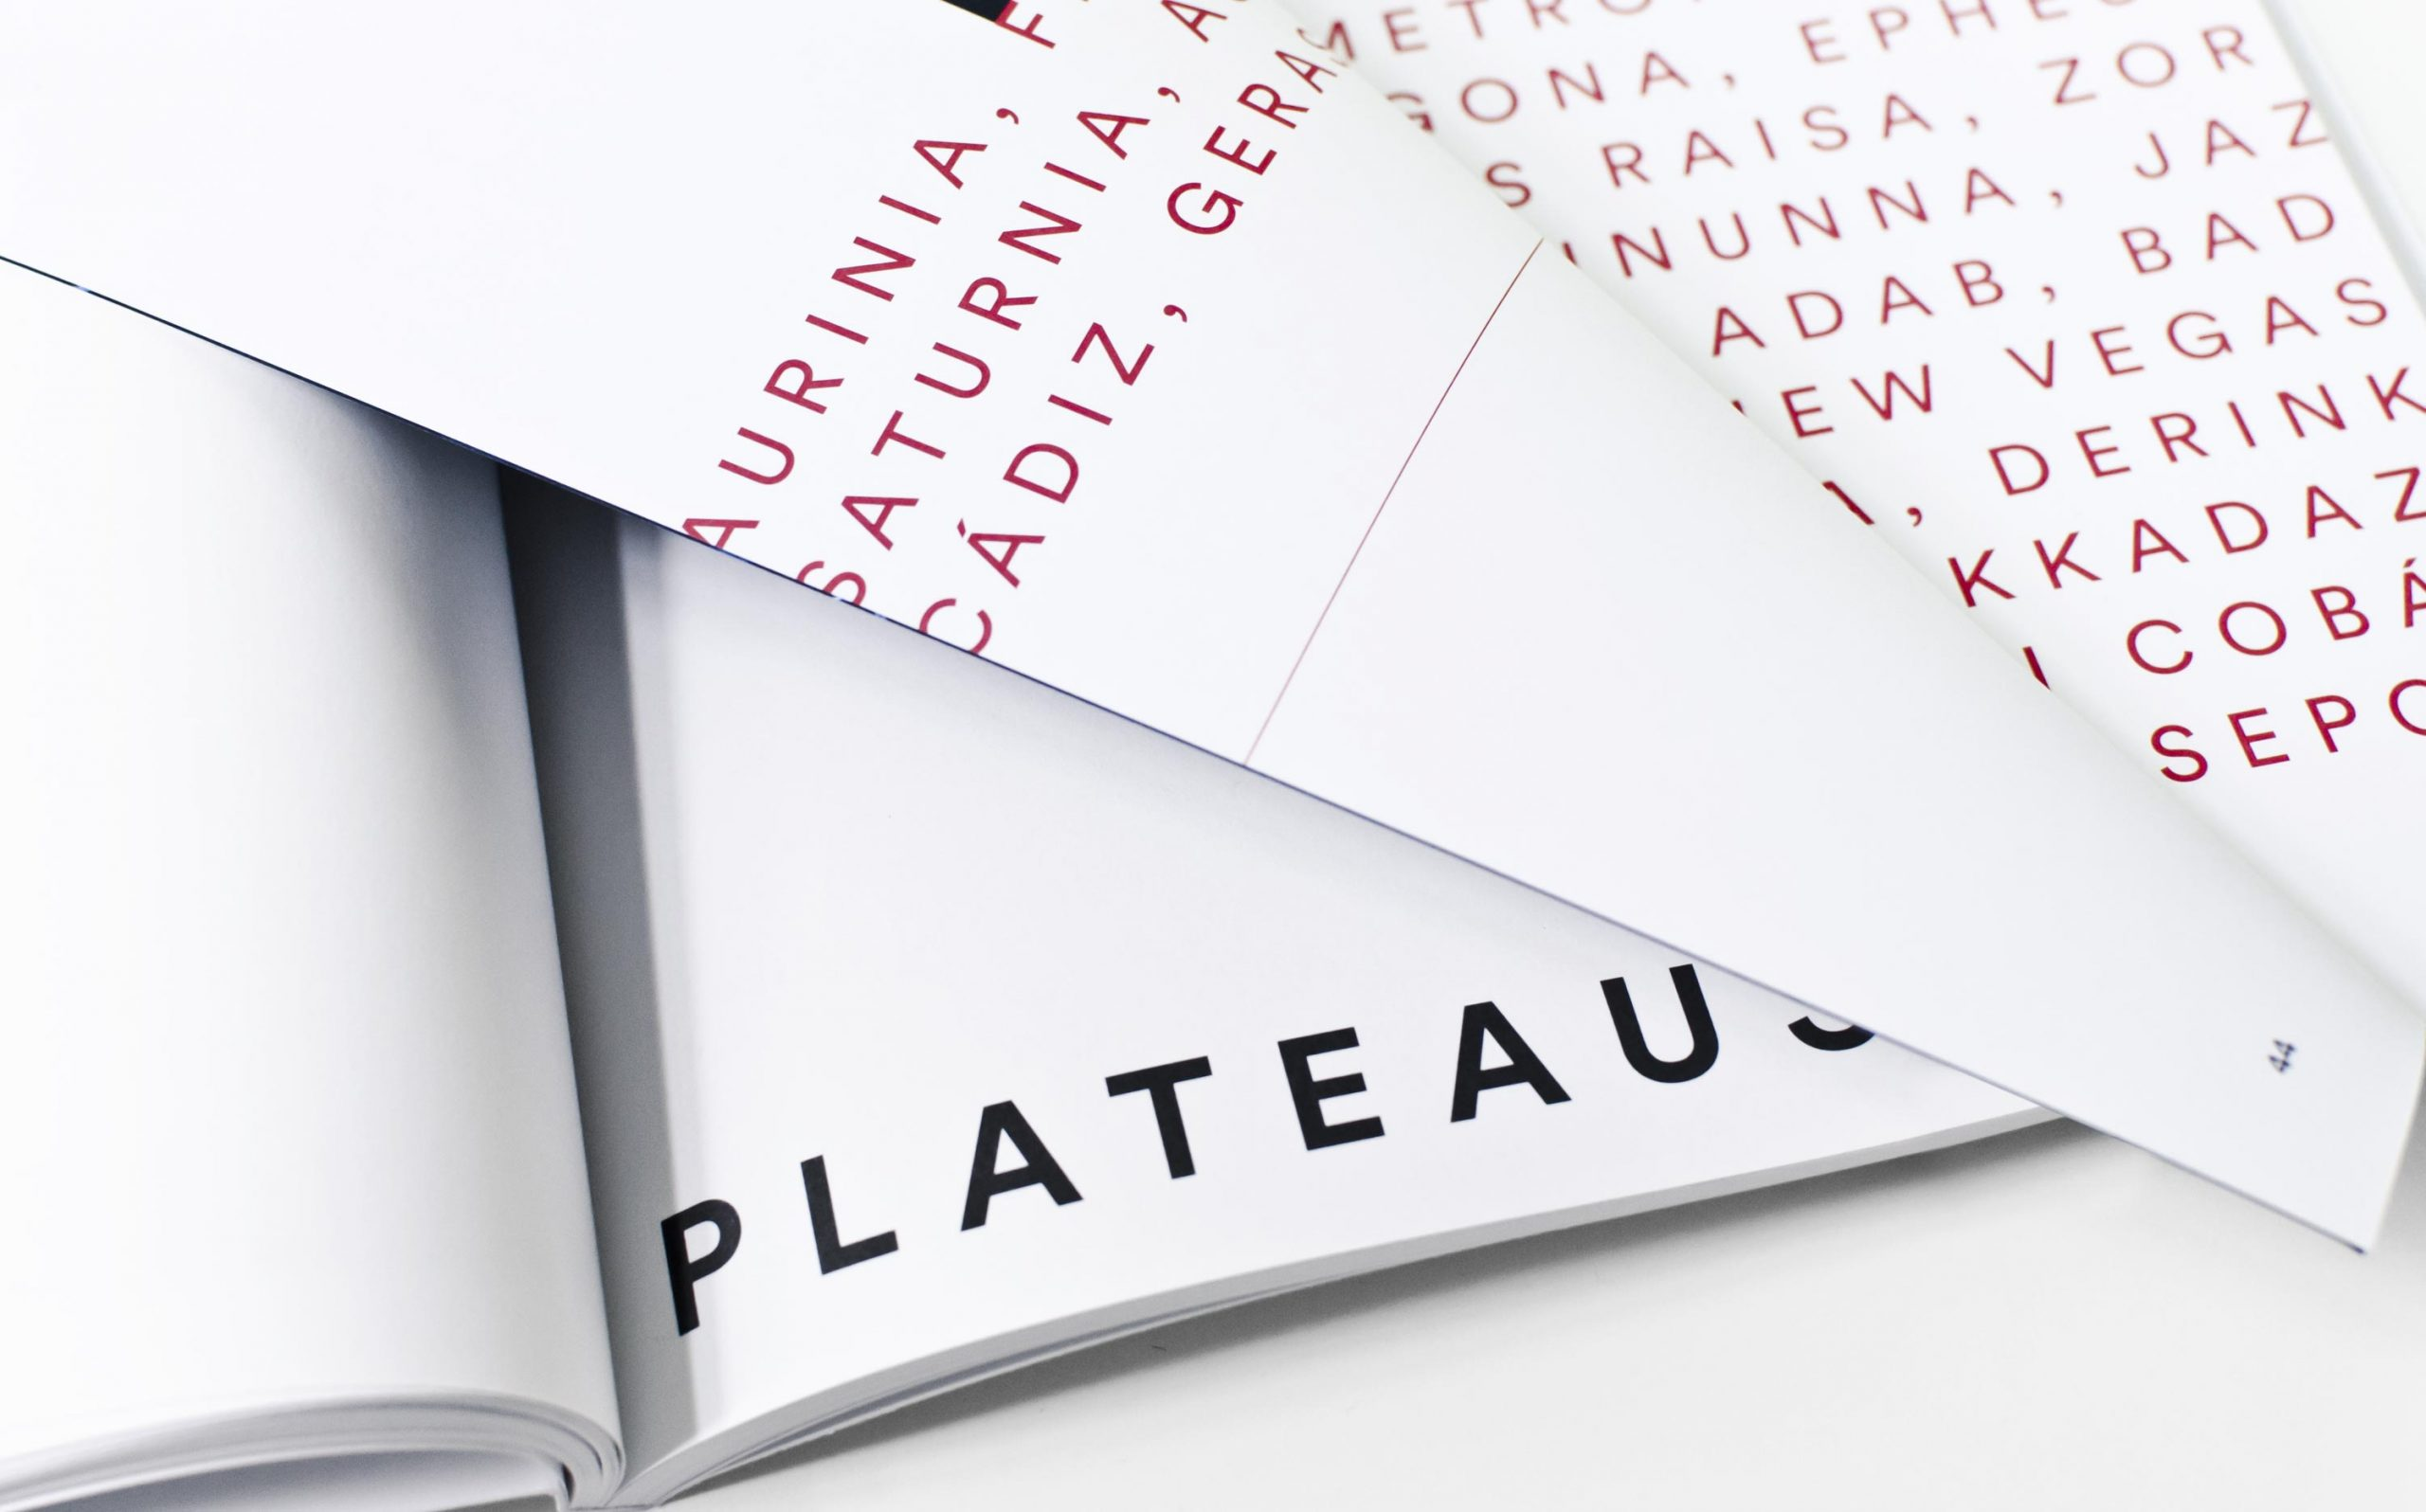 Detail aus Juliana Herrero – REM 1:1 | Werktitel groß »Plateaus« und Voice Over Typografie auf nächster Doppelseite, umgeschlagene Seite | Keywords: Editorial Design, Artist Book, Künstlerbuch, Buchgestaltung, Grafikdesign, Design, Typografie